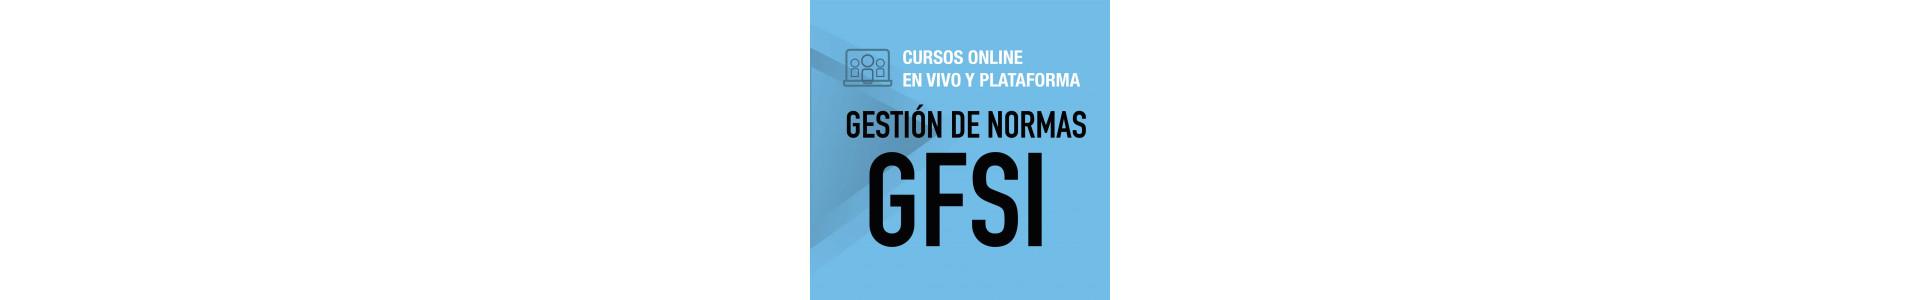 Gestión de normas GFSI